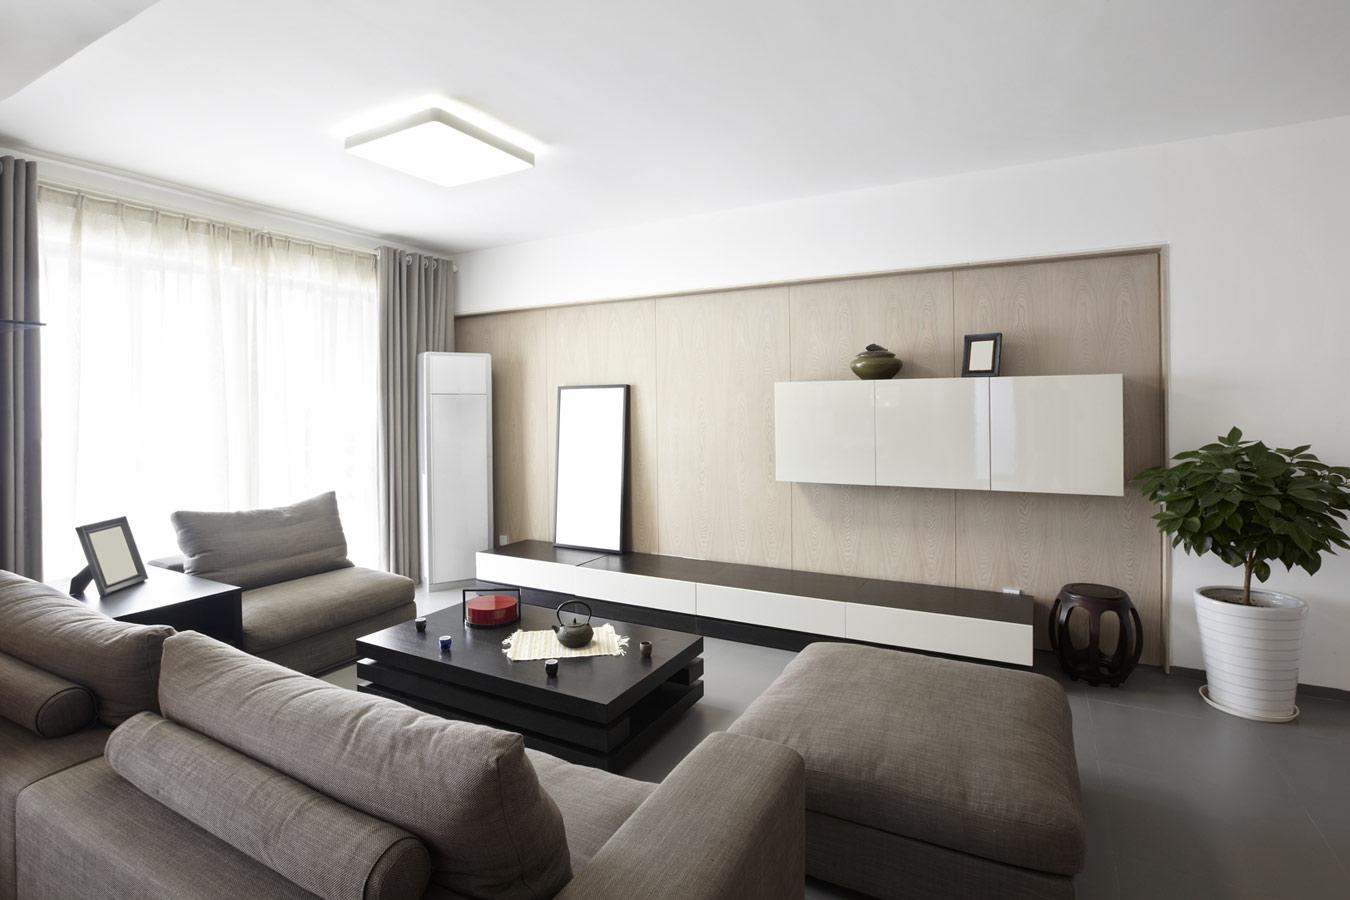 Woonkamer inrichten tips idee n inspiratie - Een kleine rechthoekige woonkamer geven ...